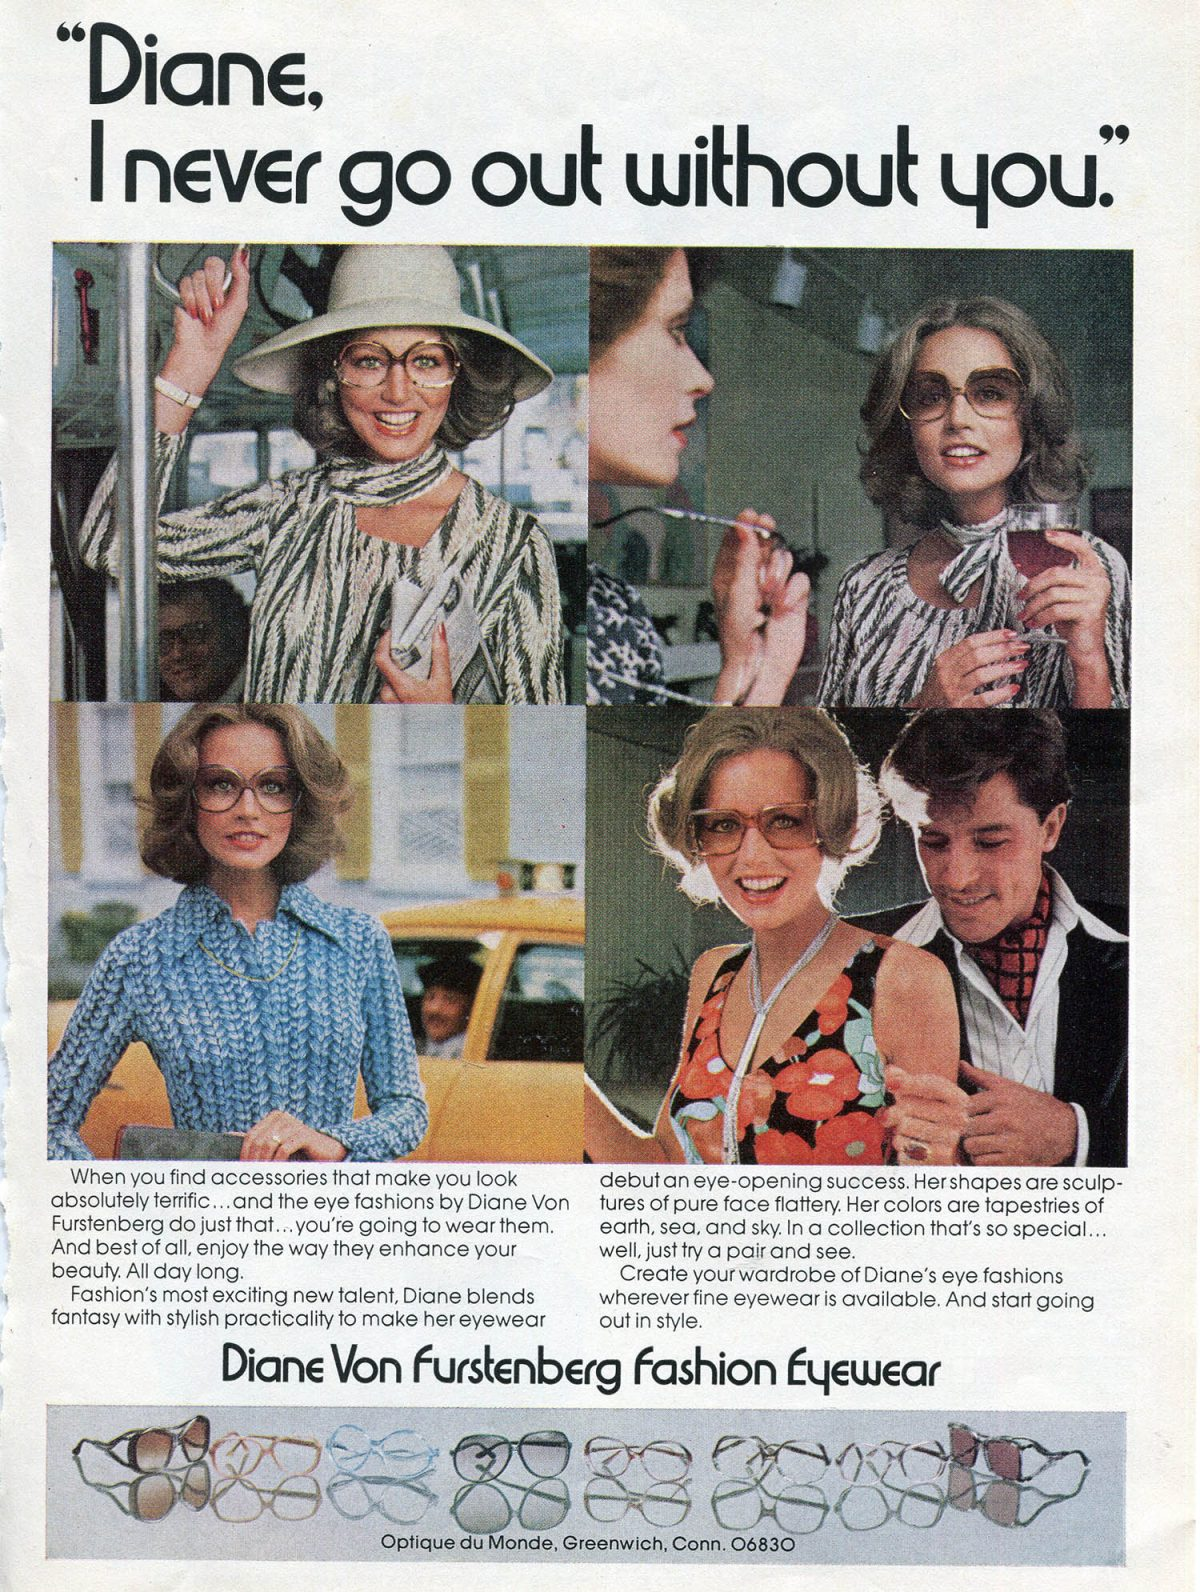 Diane Von Furstenberg campaign, 1976